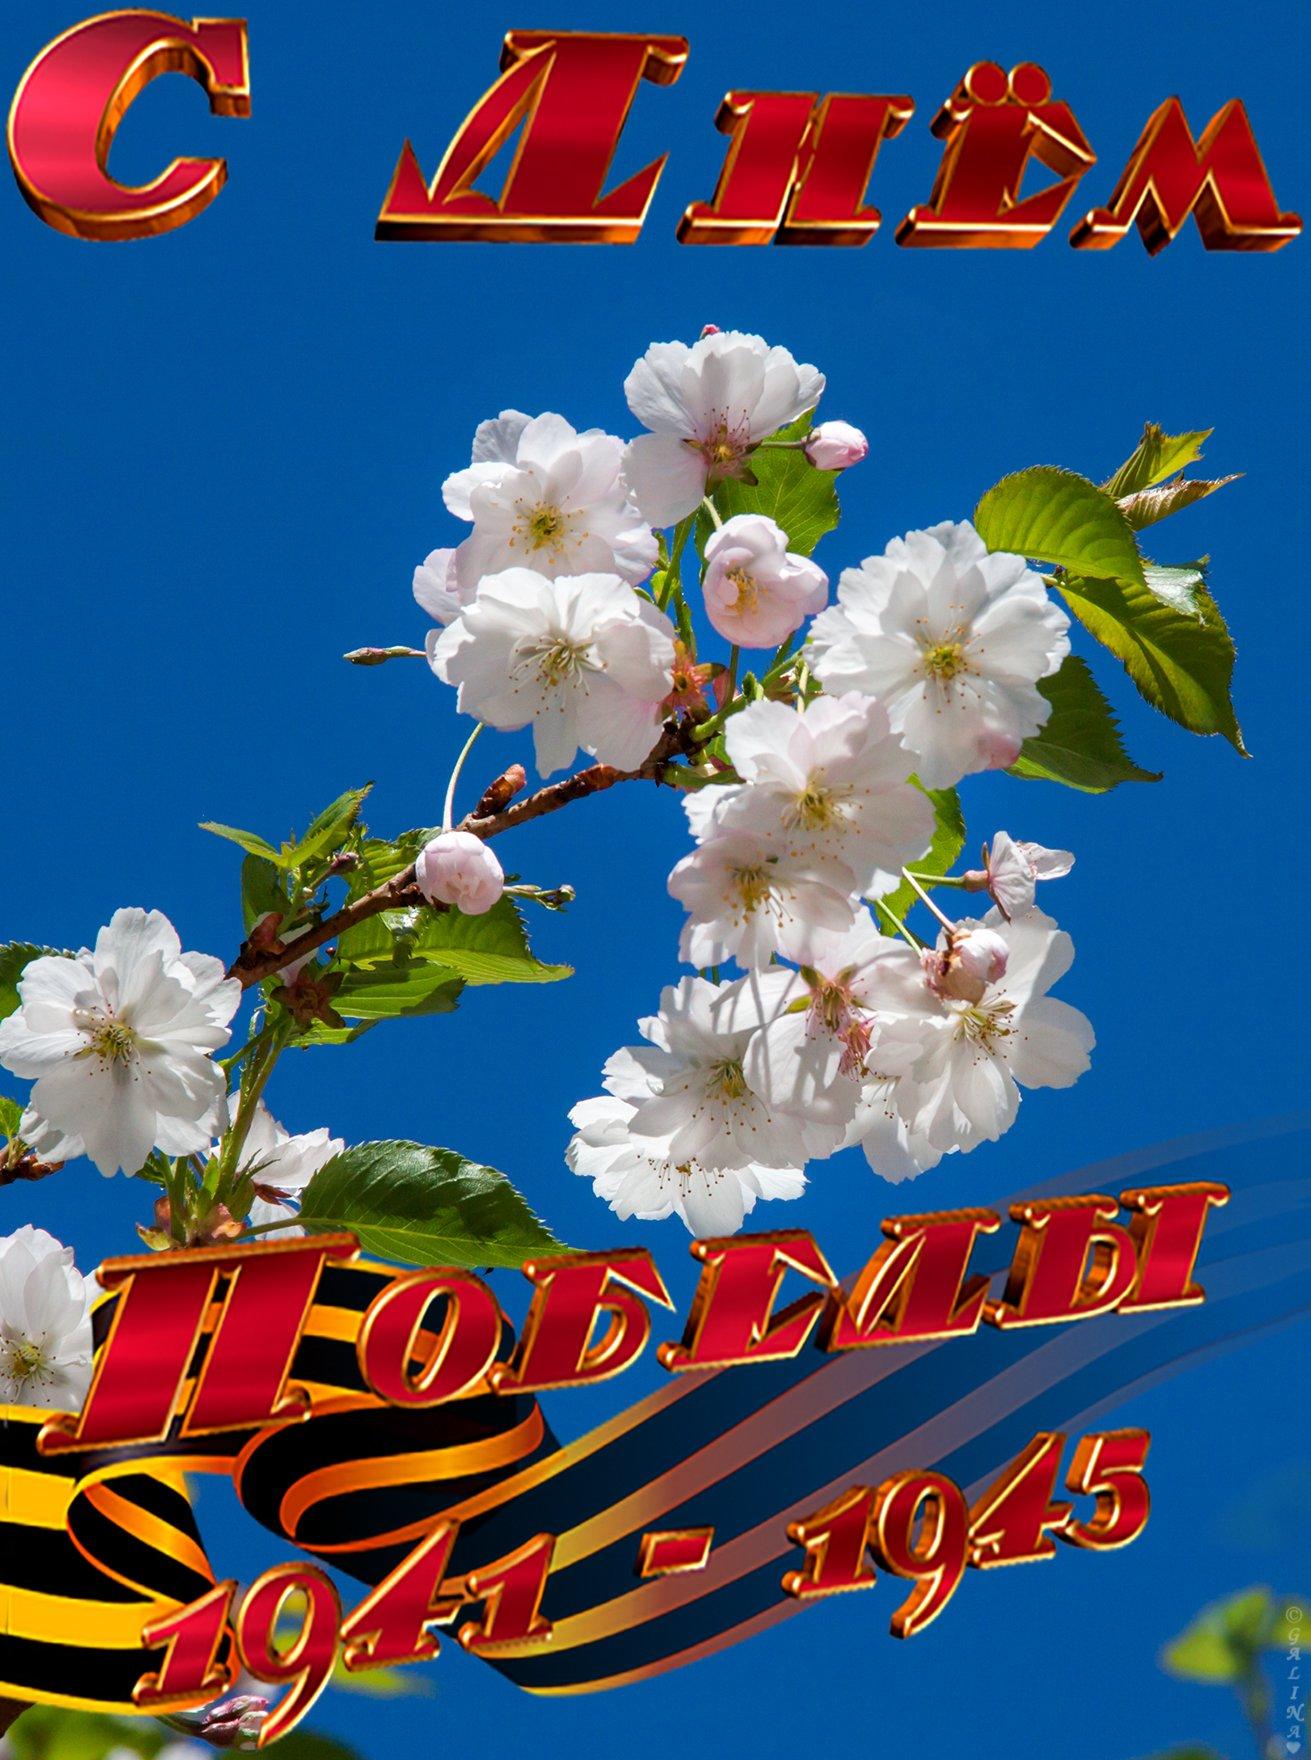 рамках с праздником победы картинки фото выборе тыквы